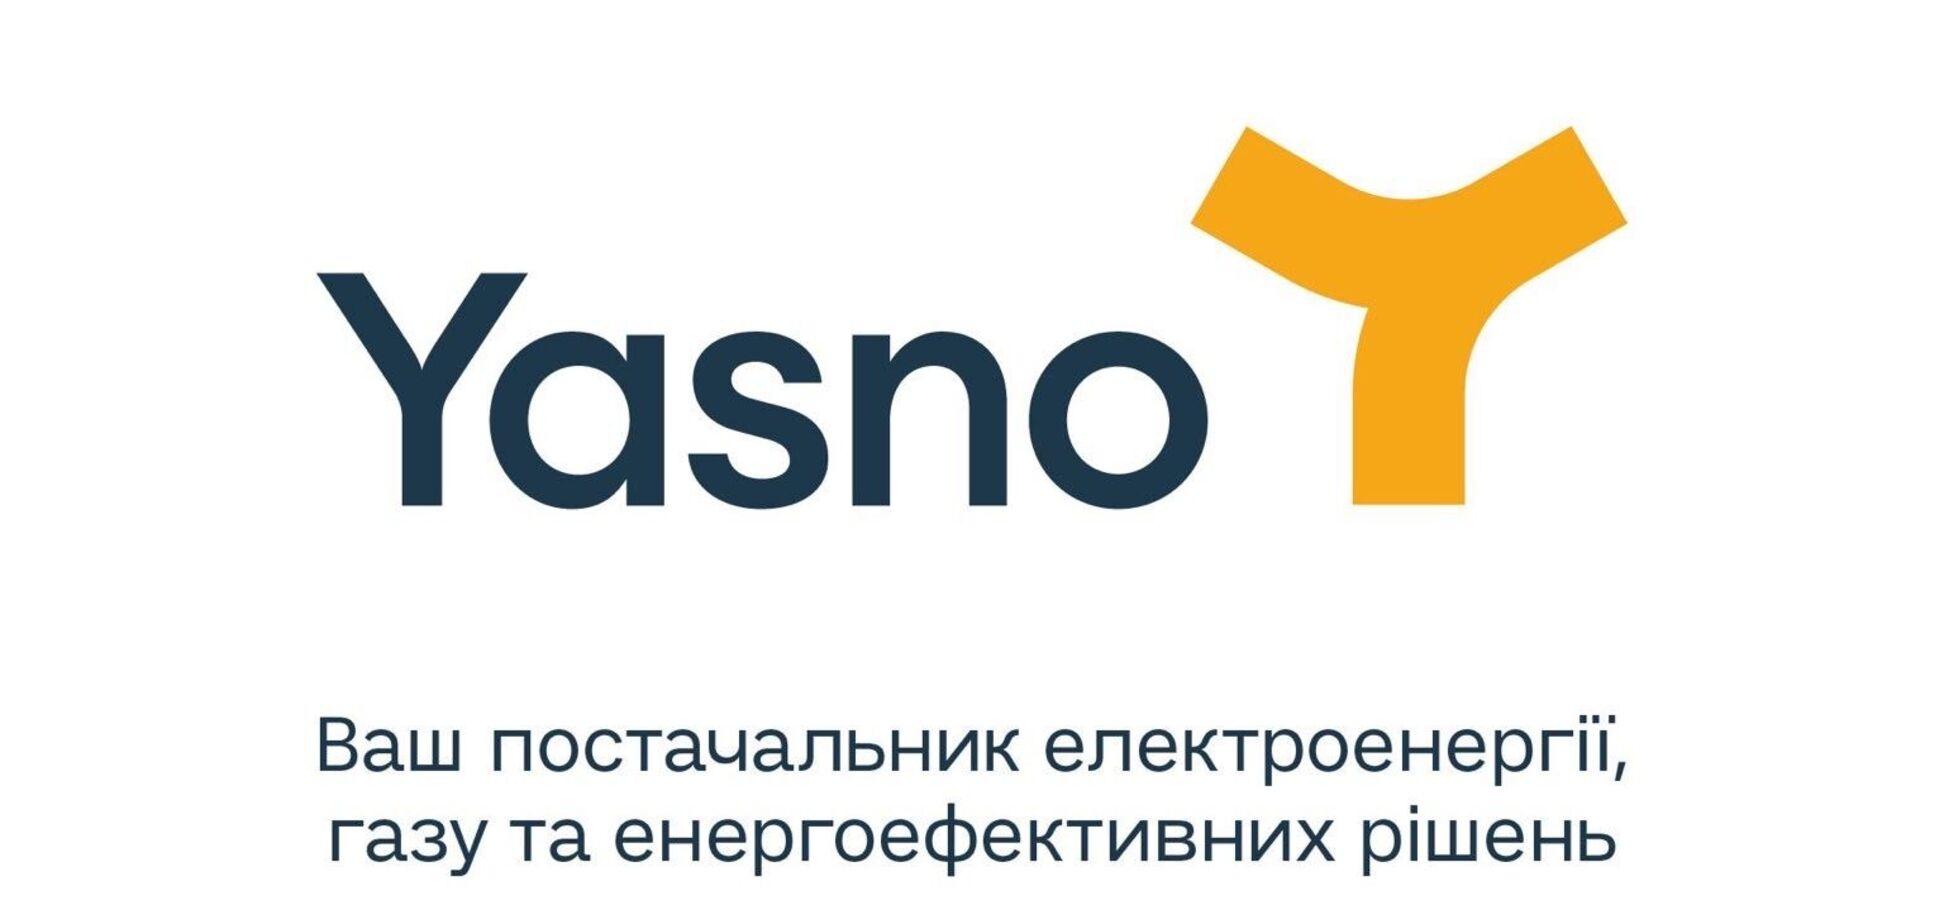 Компании Yasno возглавили рейтинг лучших энергопоставщиков DiXi Group